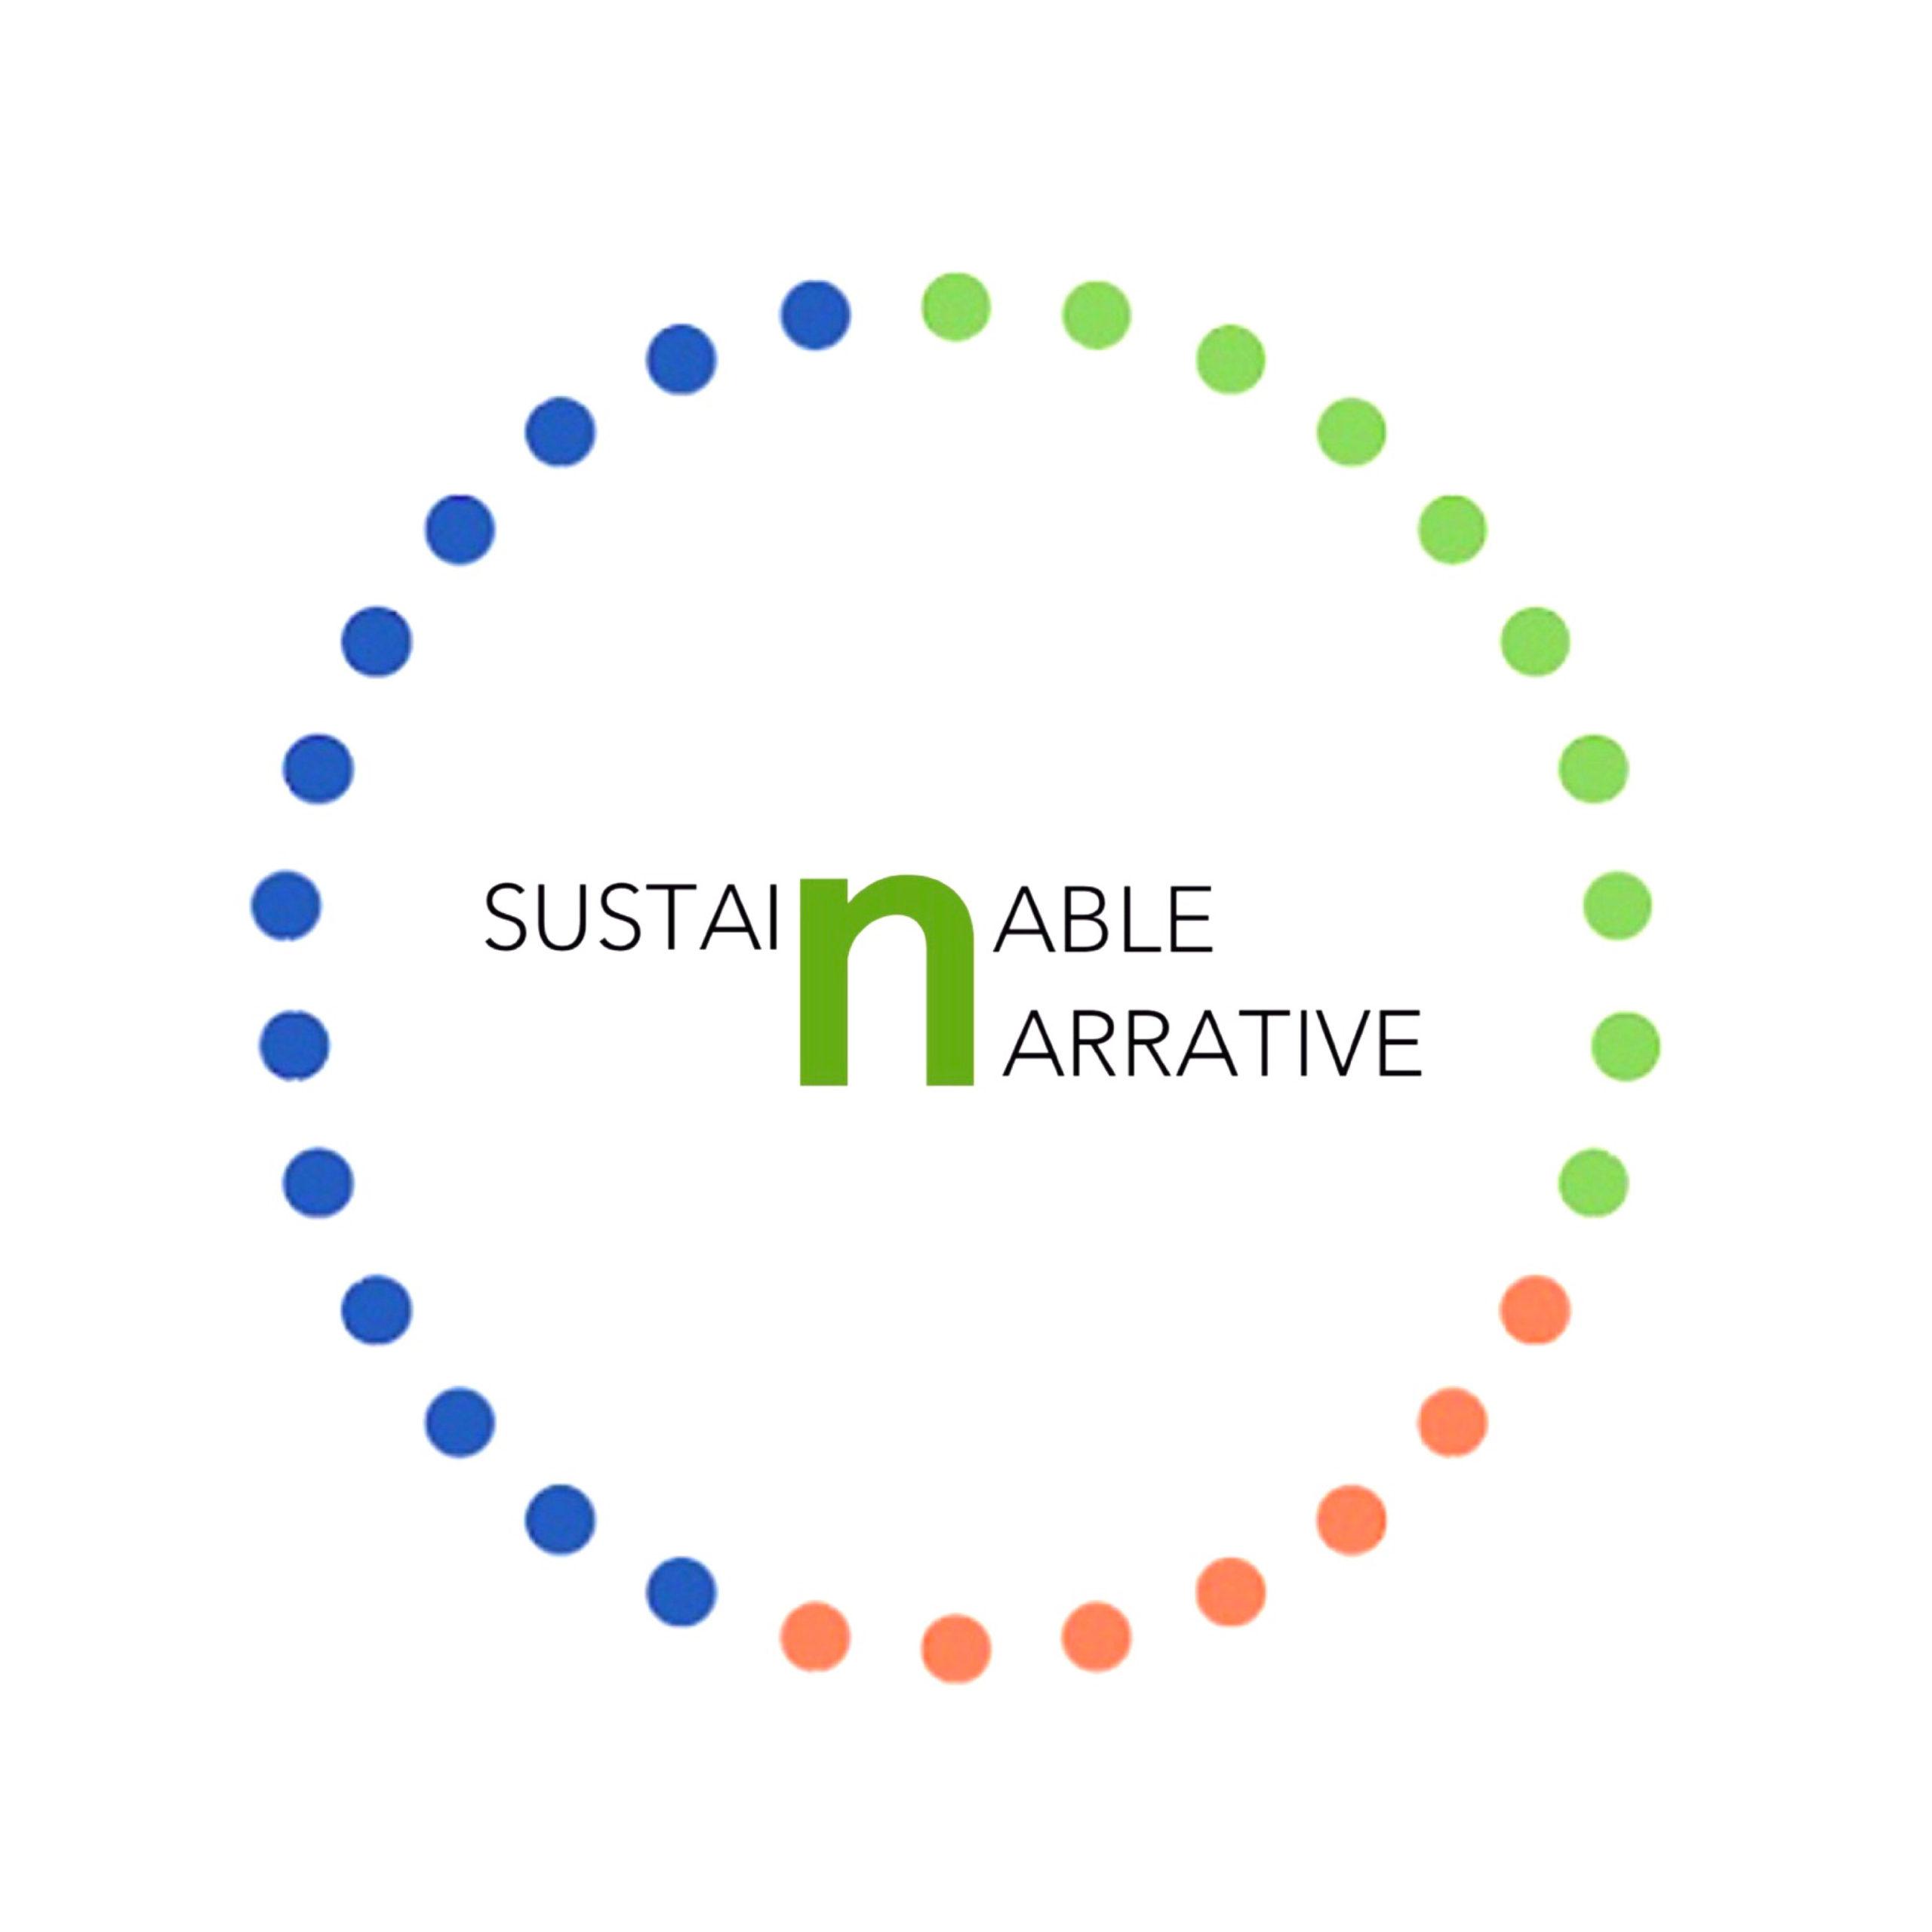 LOGO- Sustainable Narrative